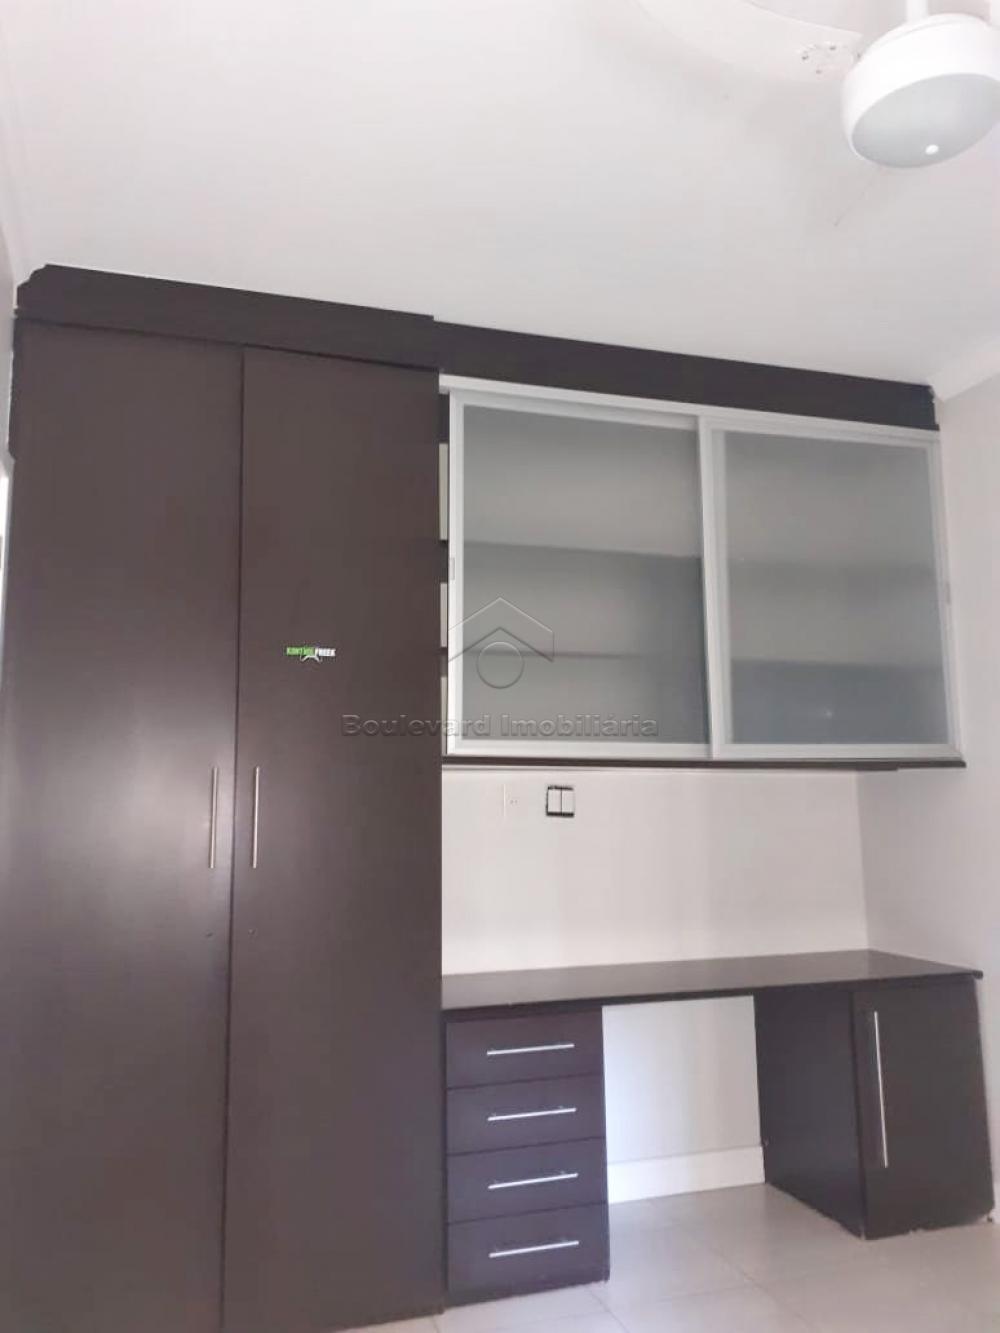 Alugar Apartamento / Padrão em Ribeirão Preto R$ 5.000,00 - Foto 34